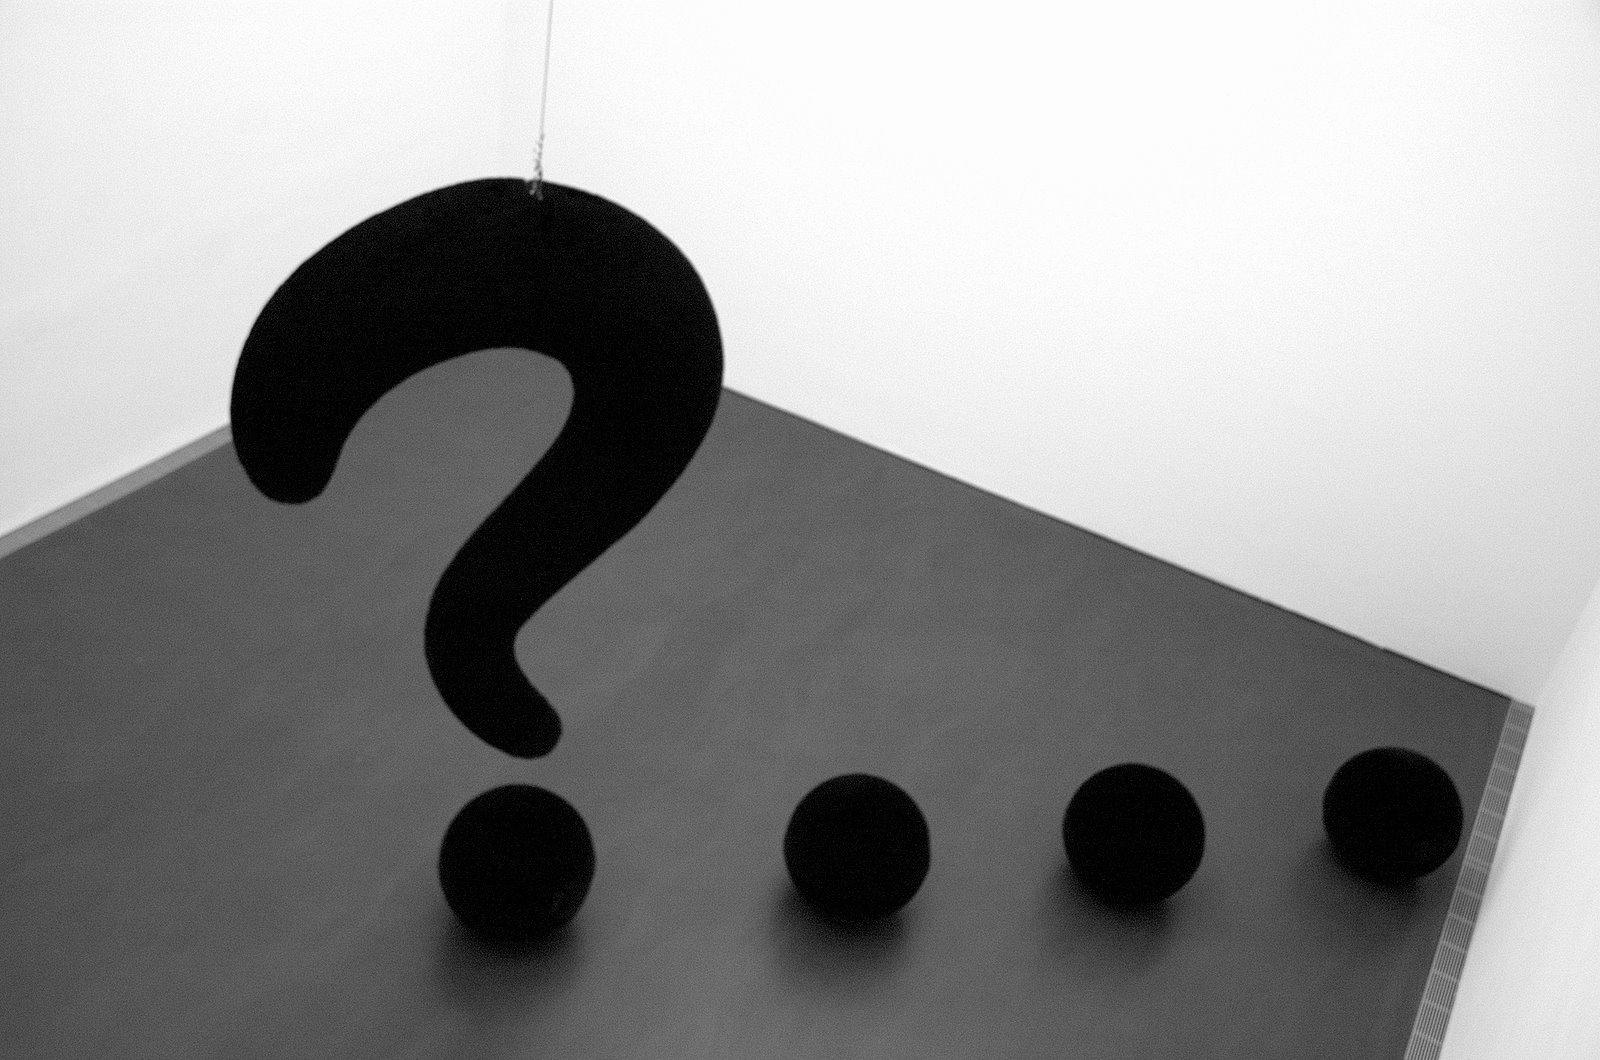 Prezentujete a neviete odpovedať na otázku? Vyťažte z toho maximum